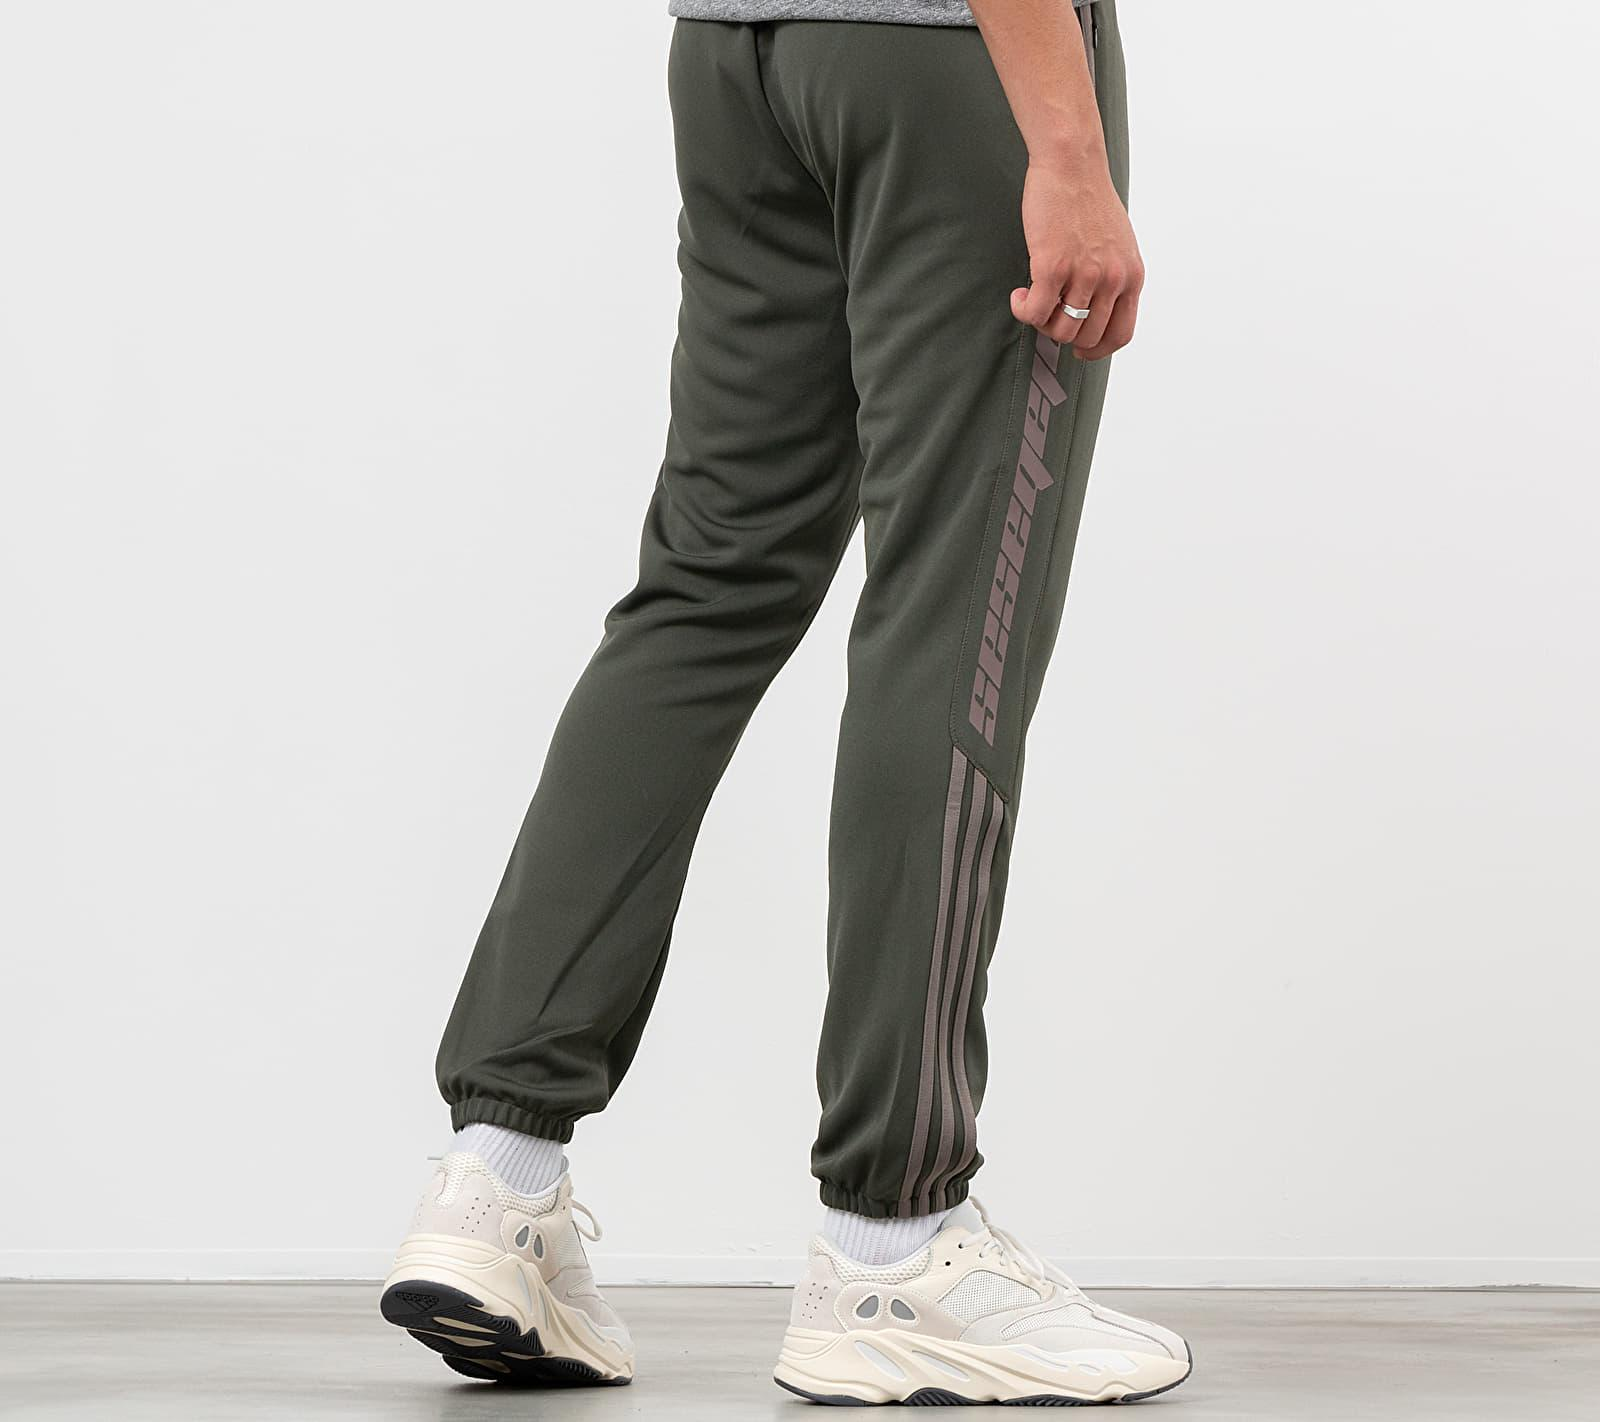 g dragon adidas pants